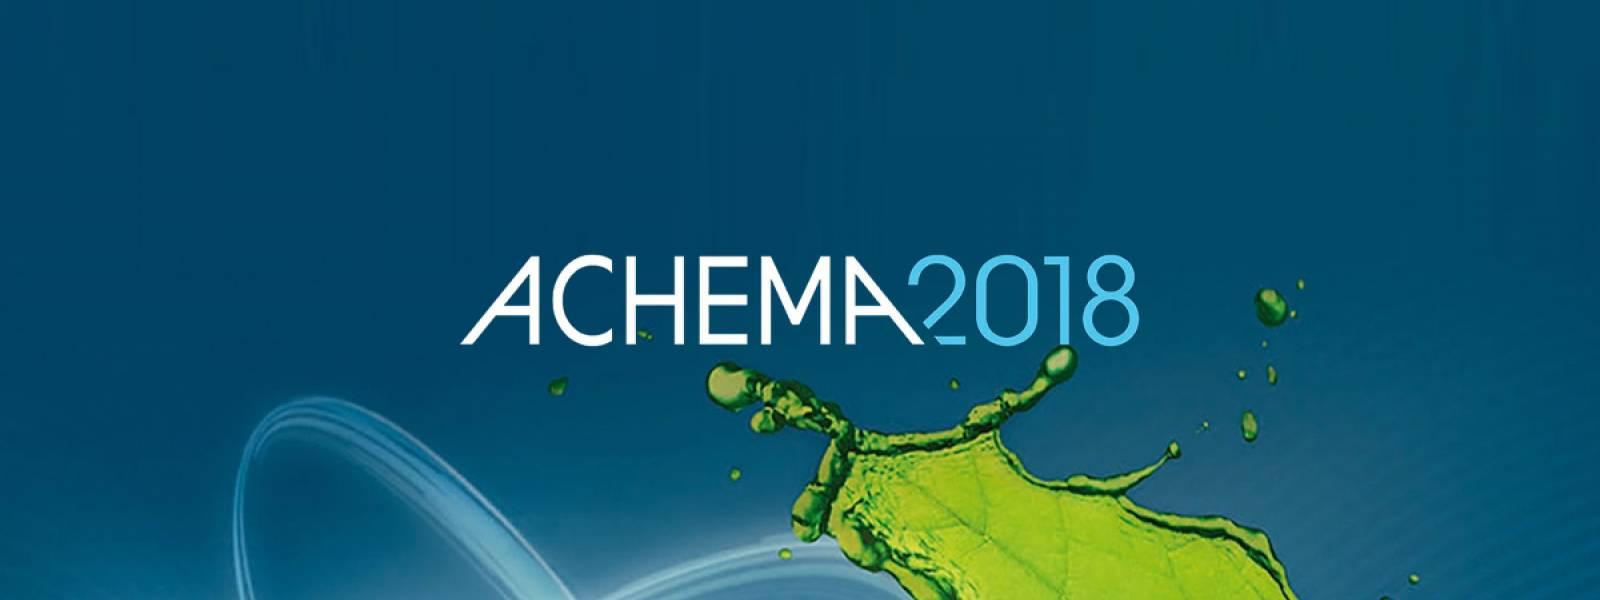 achema-2018-optimex